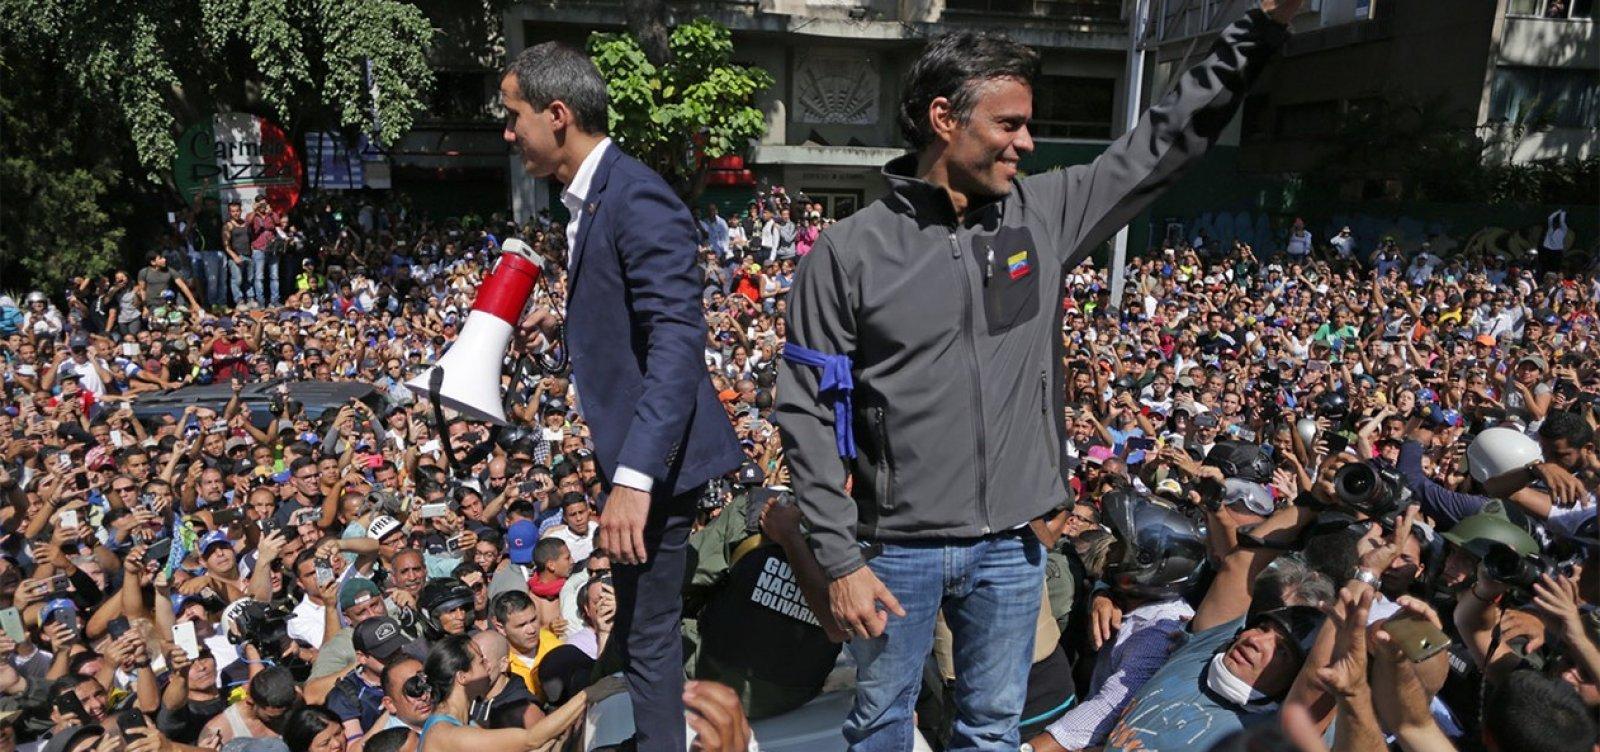 Sites de vídeo são derrubados durante discurso de Guaidó